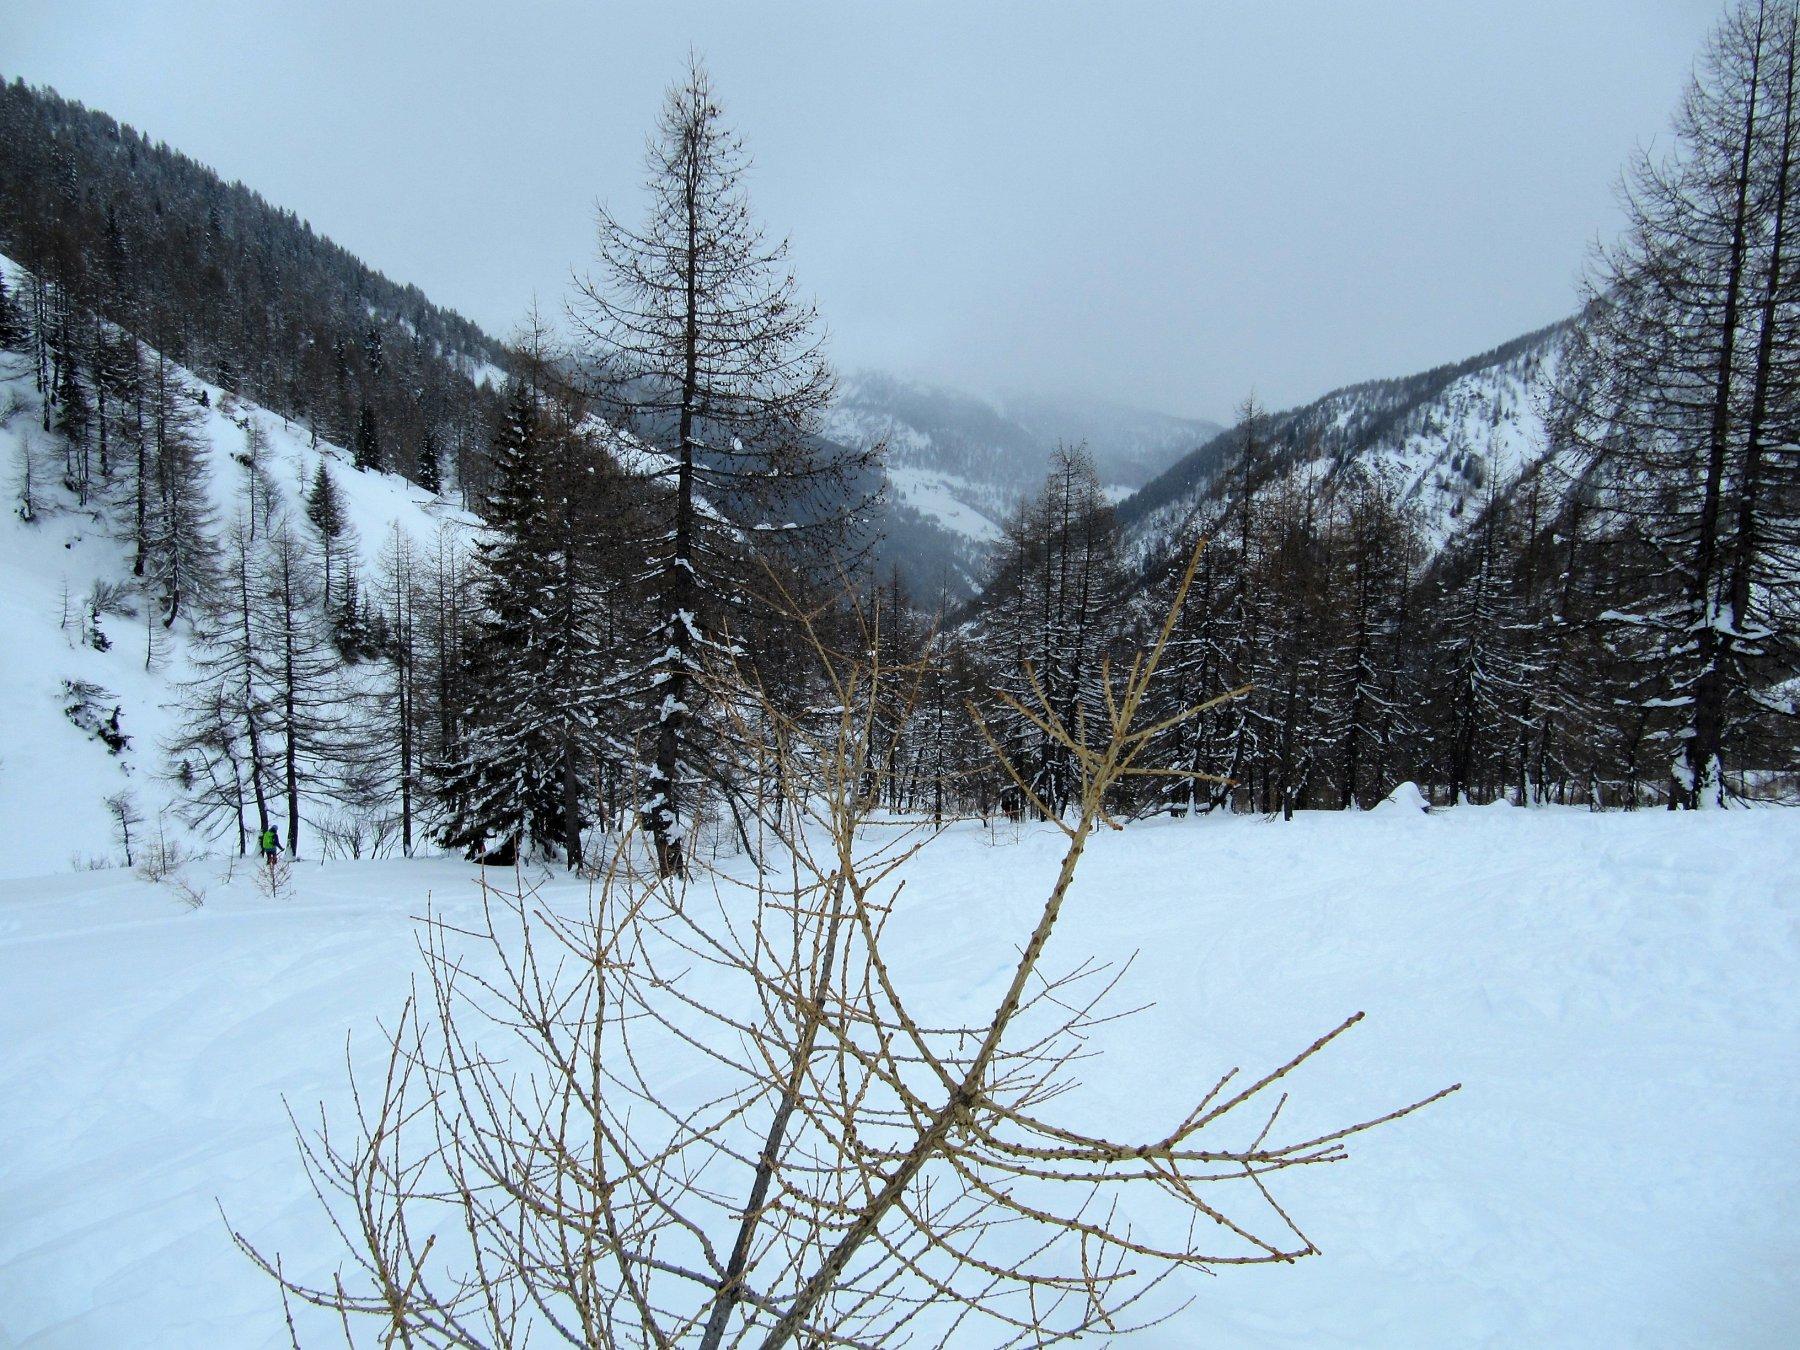 Neve e visibilità migliore in basso